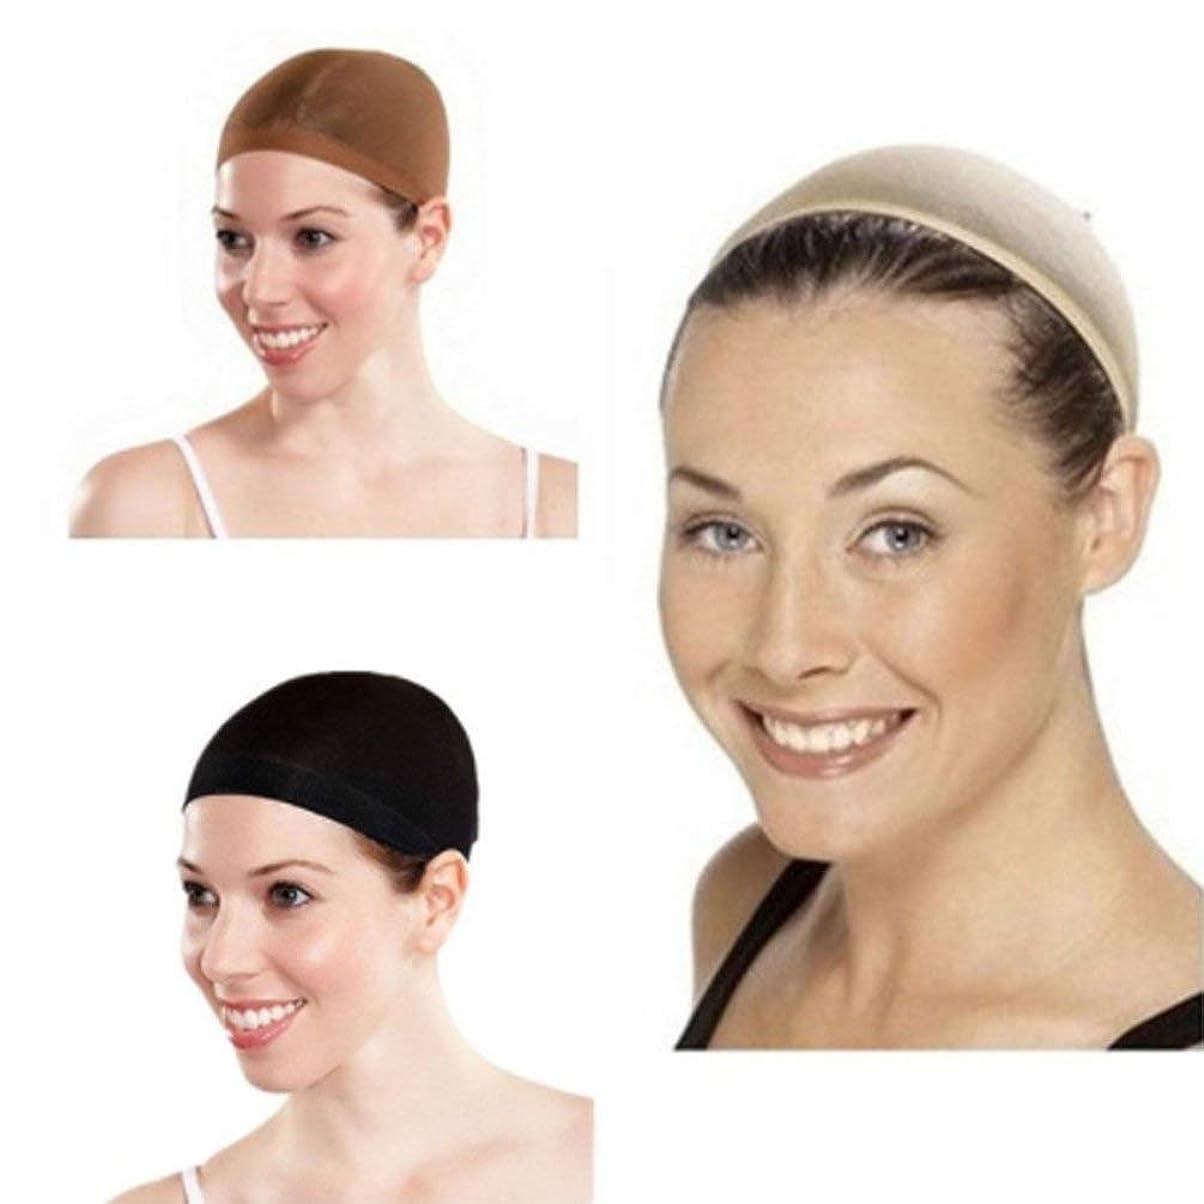 命題露出度の高いセンブランス伸縮性のあるかつらヘアコントロールネットキャップメッシュストッキングファンシーパーティー衣装ドレス通気性のあるヘアネット - 黒